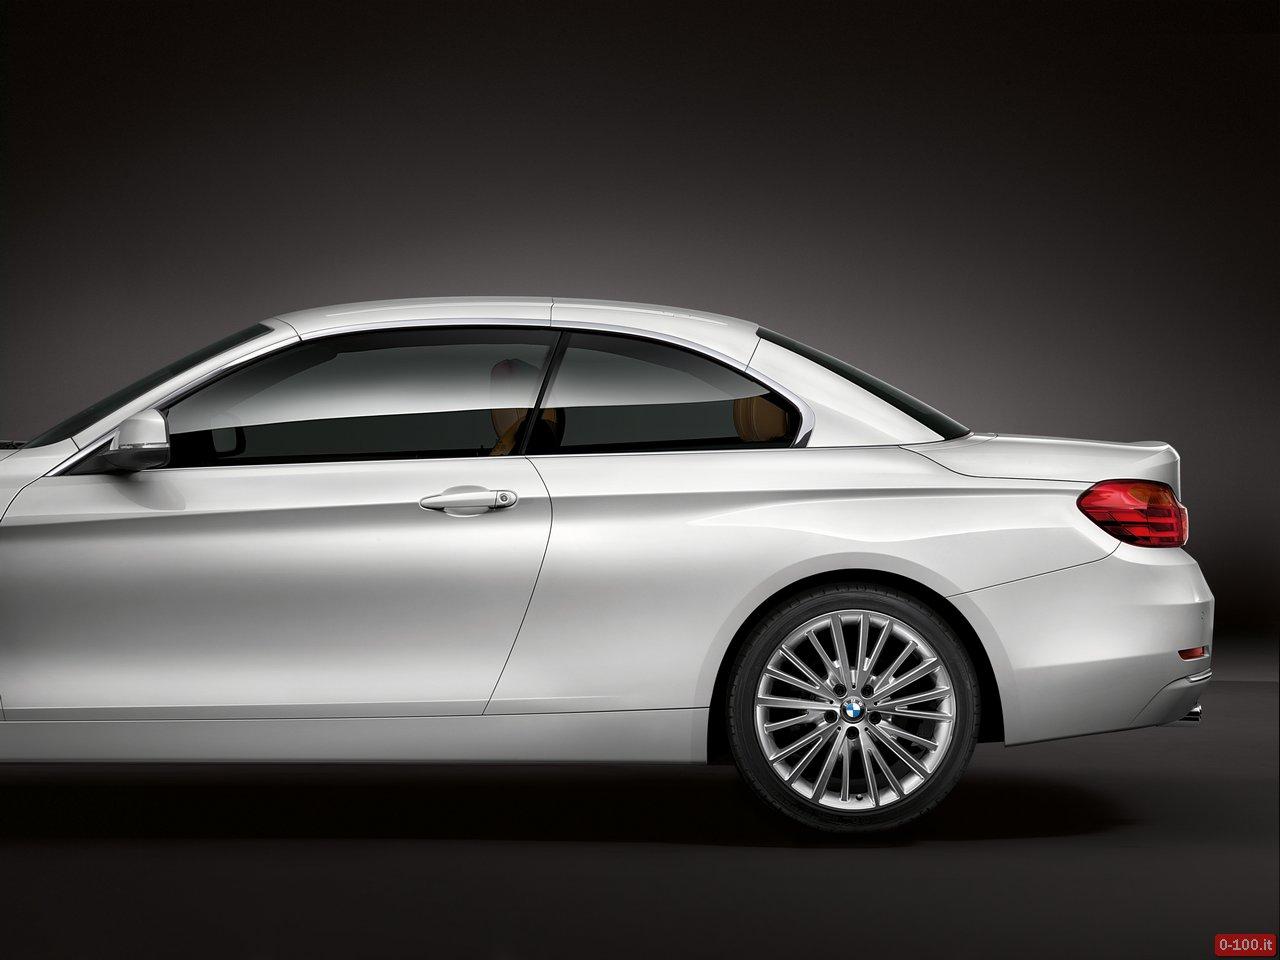 BMW-serie-4-cabrio-420d-428i-435i-cabrio_66